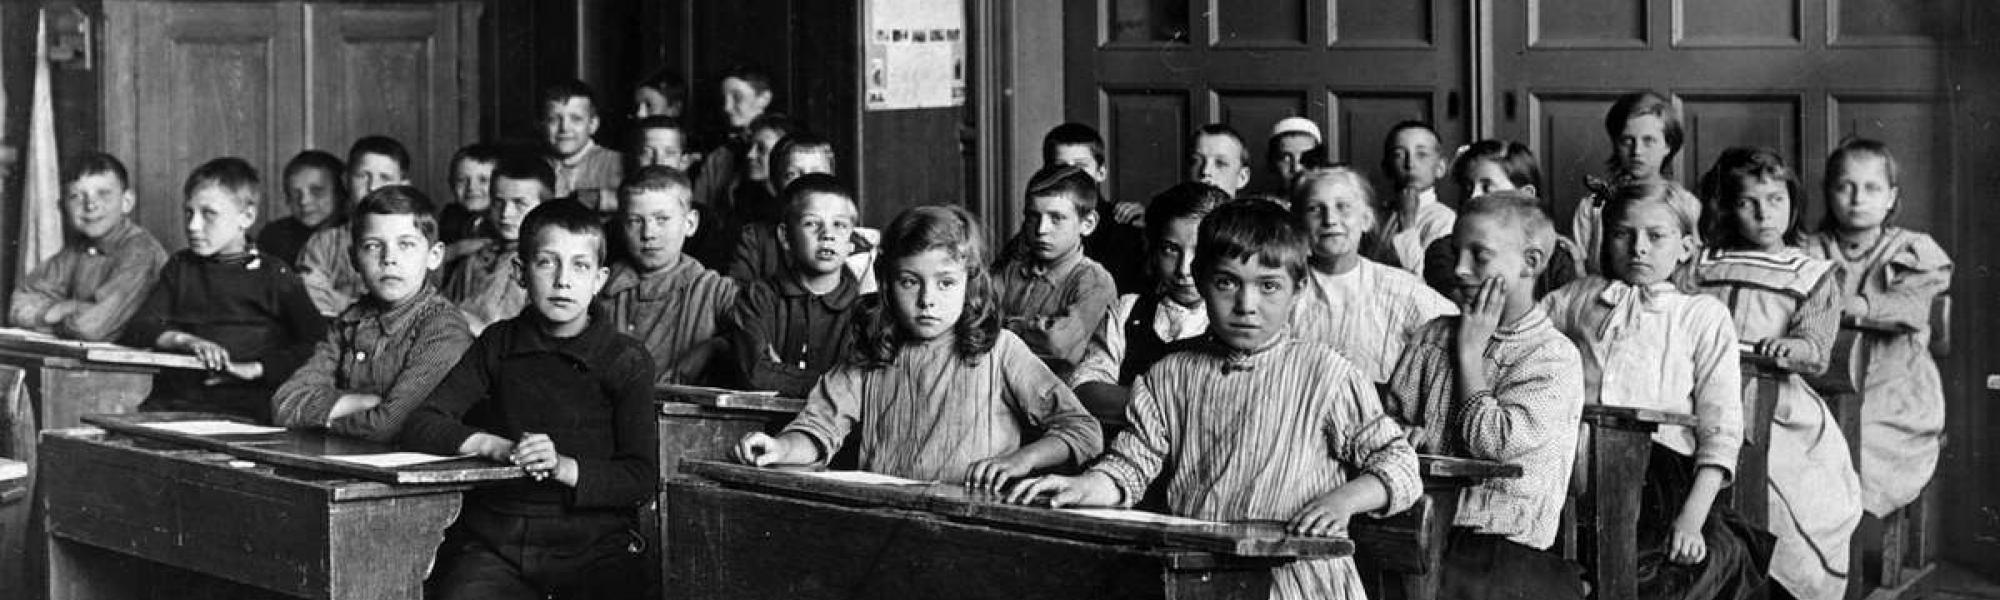 Historisch beeld van een klaslokaal met schoolkinderen